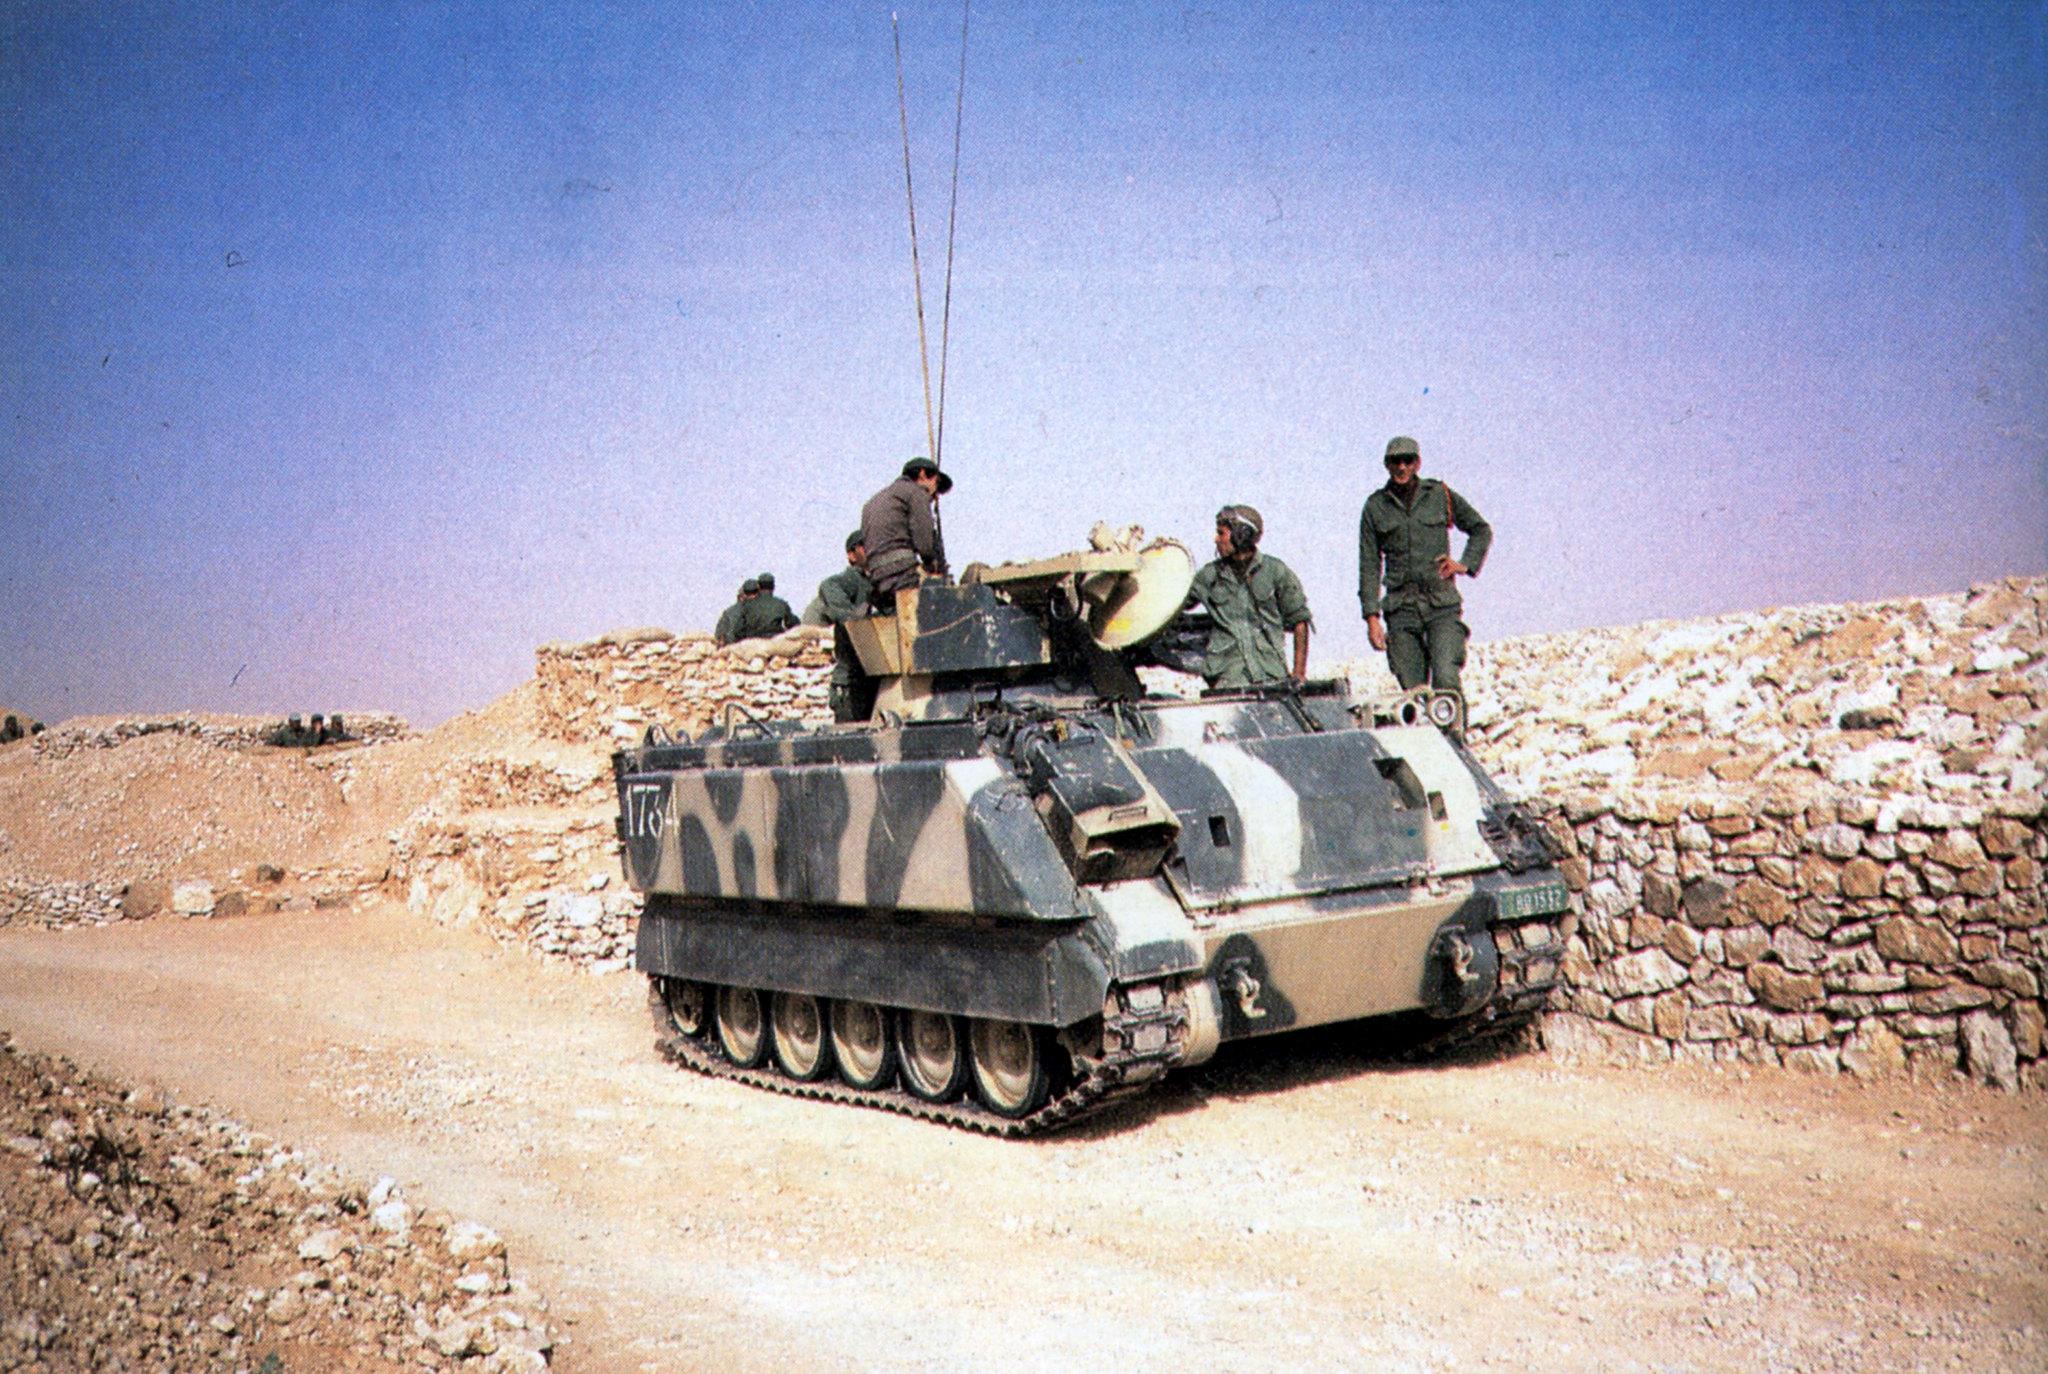 Le conflit armé du sahara marocain - Page 16 51224579925_b2564319bc_k_d